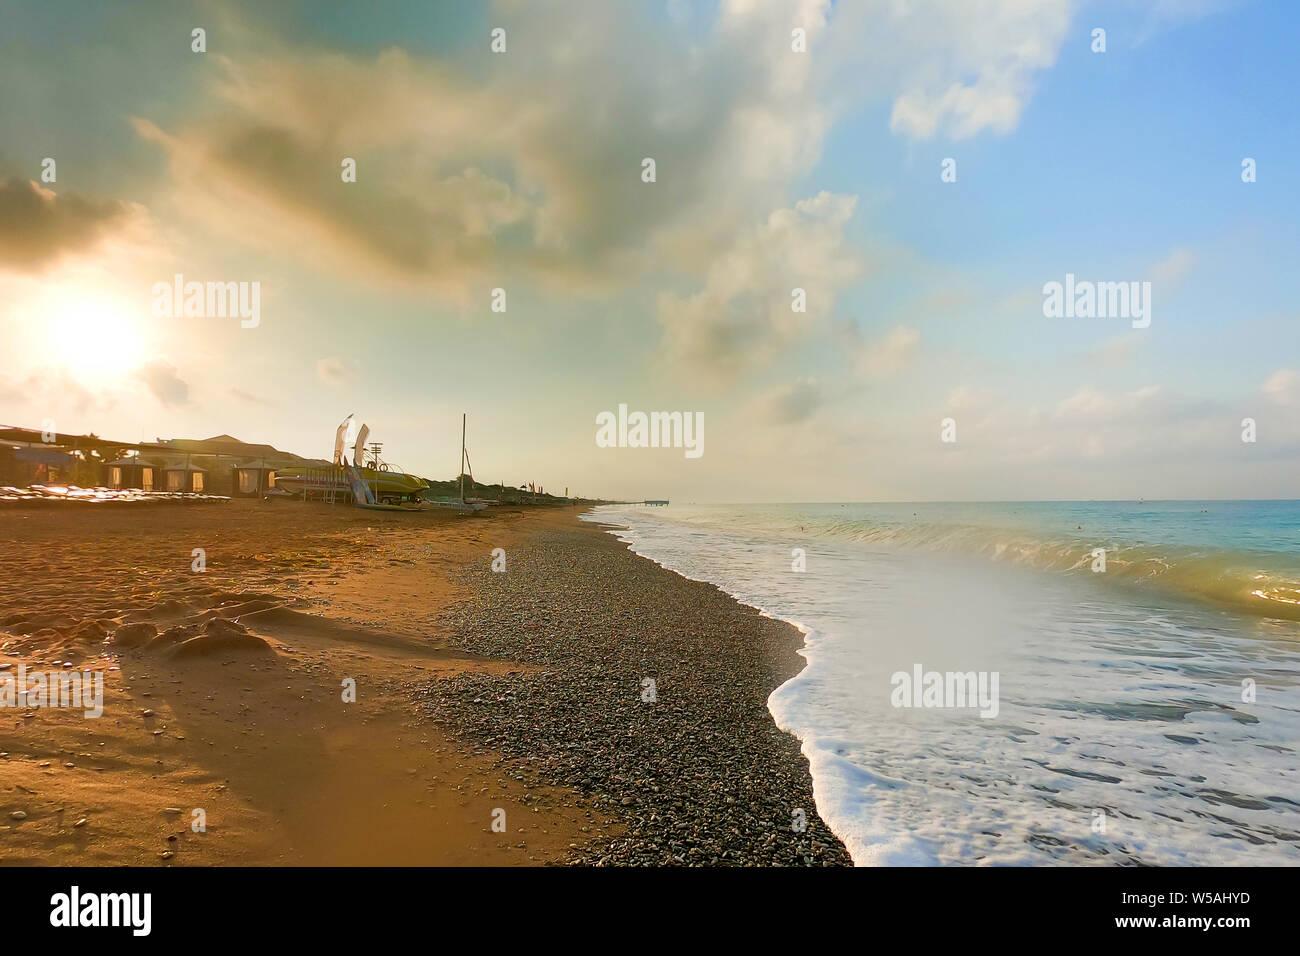 La tempête s'en vient à la côte de la mer, des couleurs lumineuses du ciel et l'eau de mer. Banque D'Images